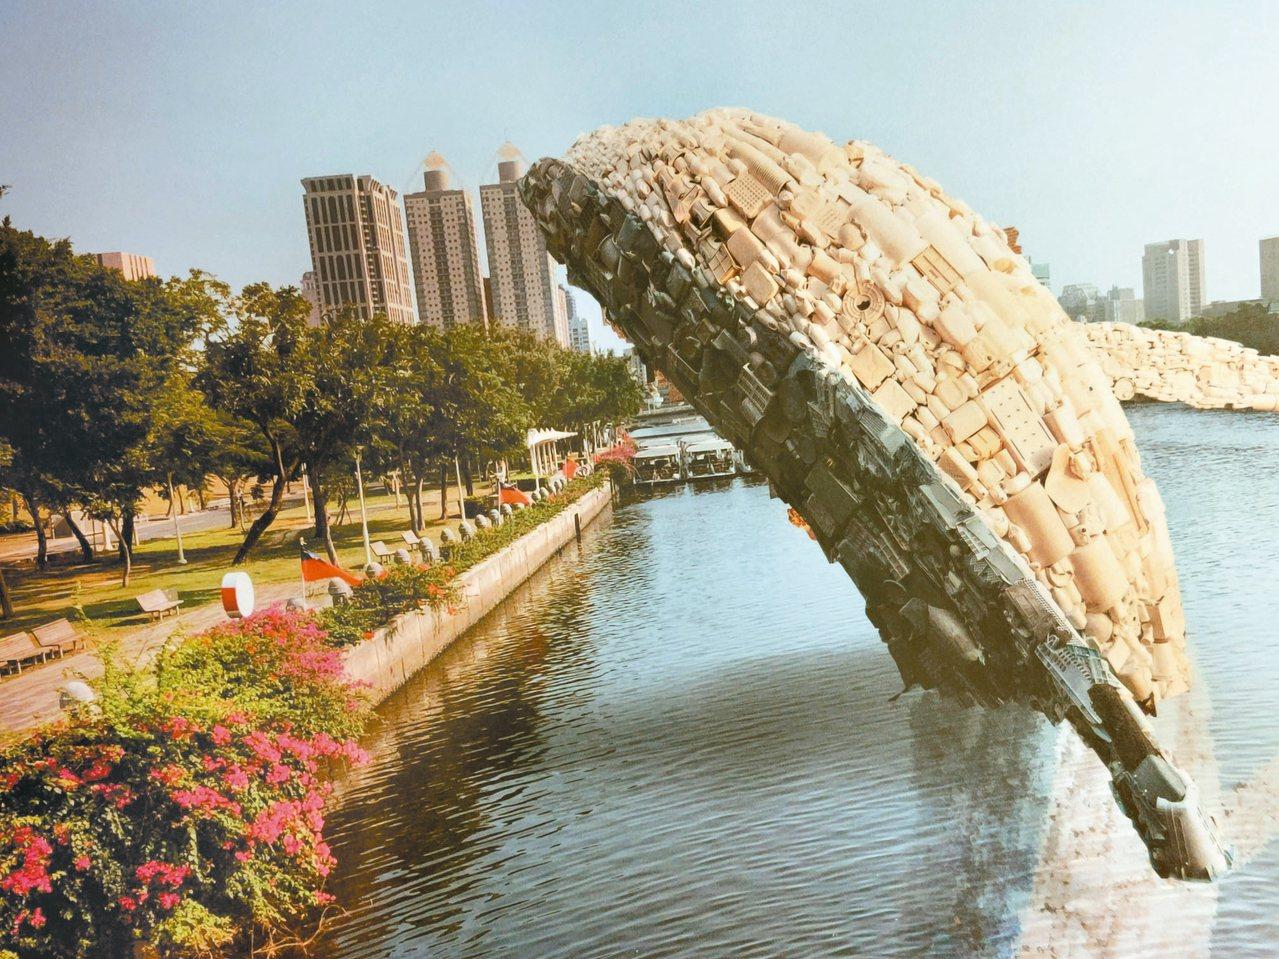 設計團隊「StudioKCA」繼比利時、荷蘭後,將在高雄發動「愛河.愛之鯨」計畫...